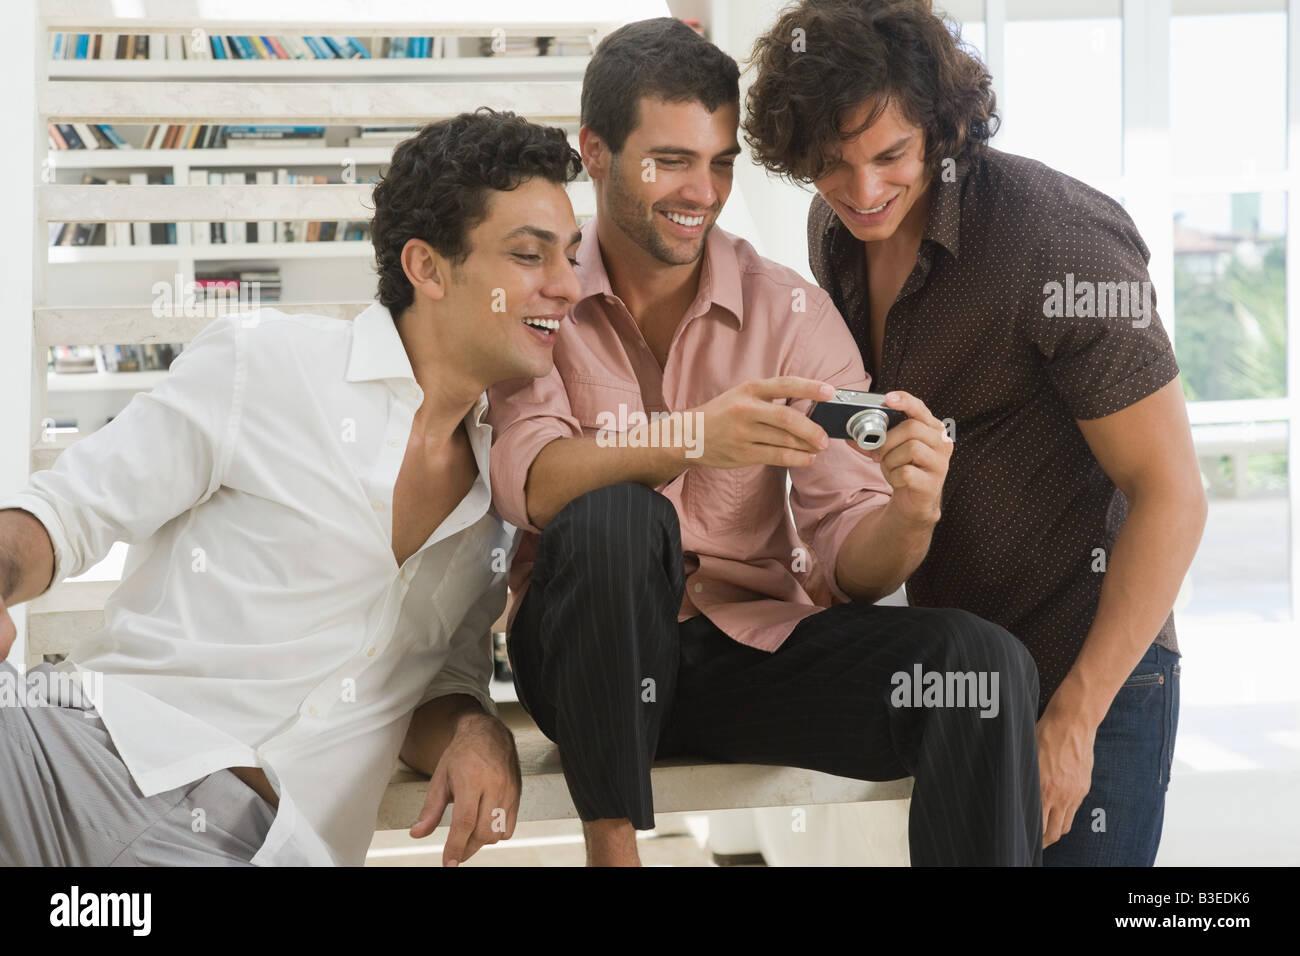 Les hommes regarder des photos sur un appareil photo Photo Stock